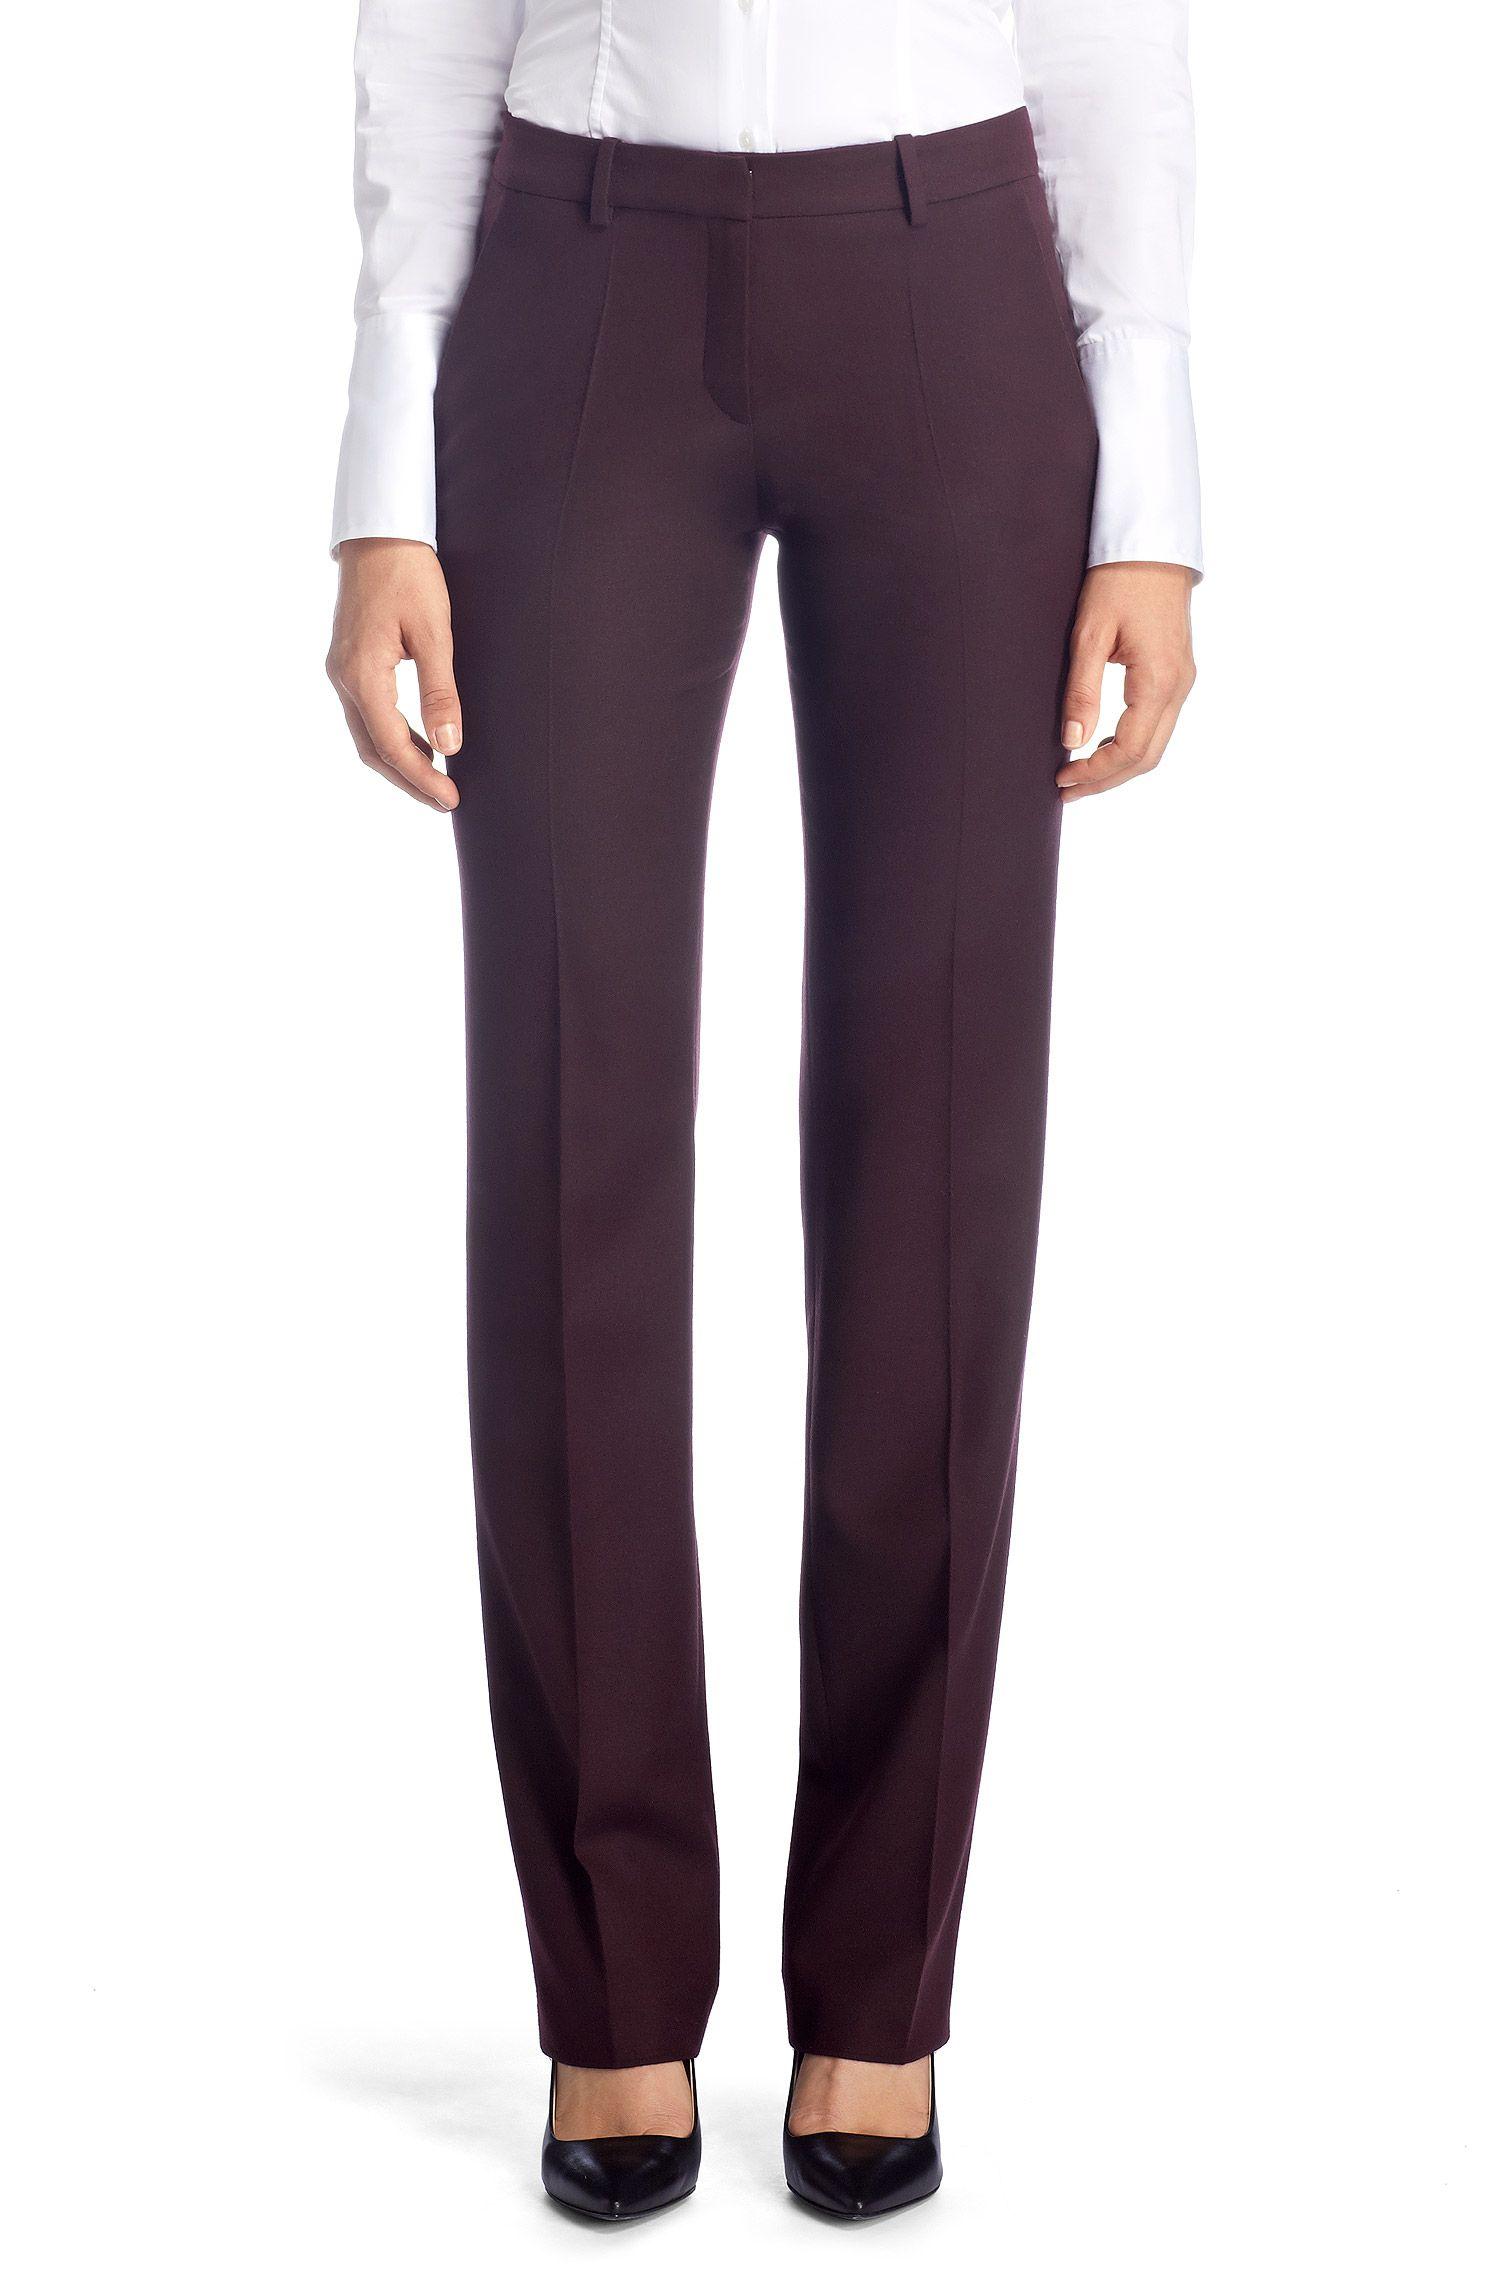 Pantalon Regular Fit, Hinass-5